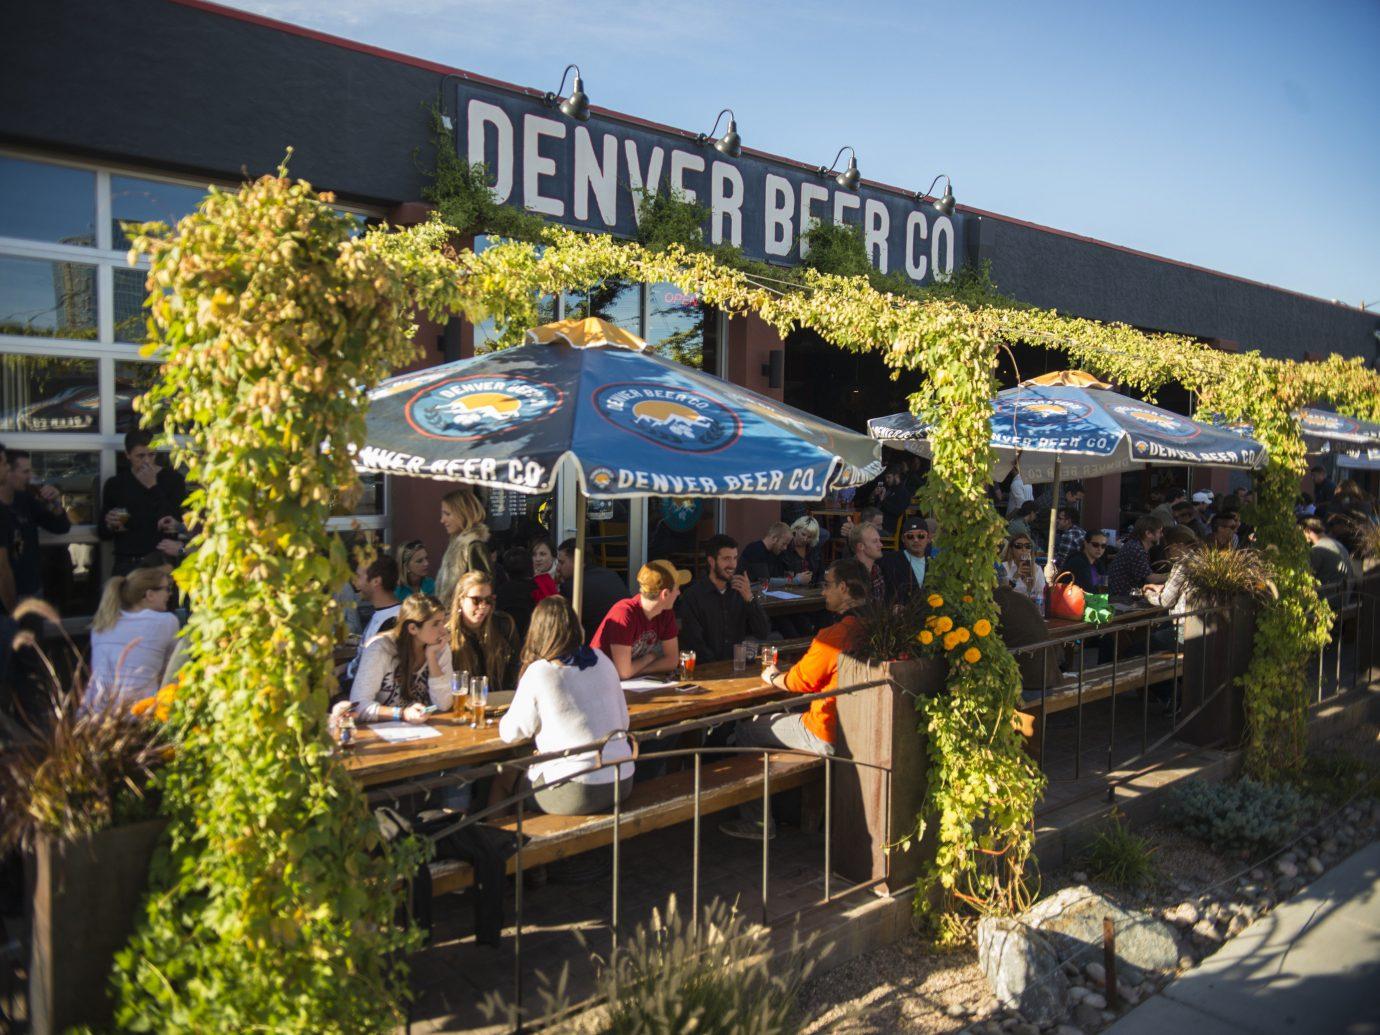 Beer garden in Denver, CO